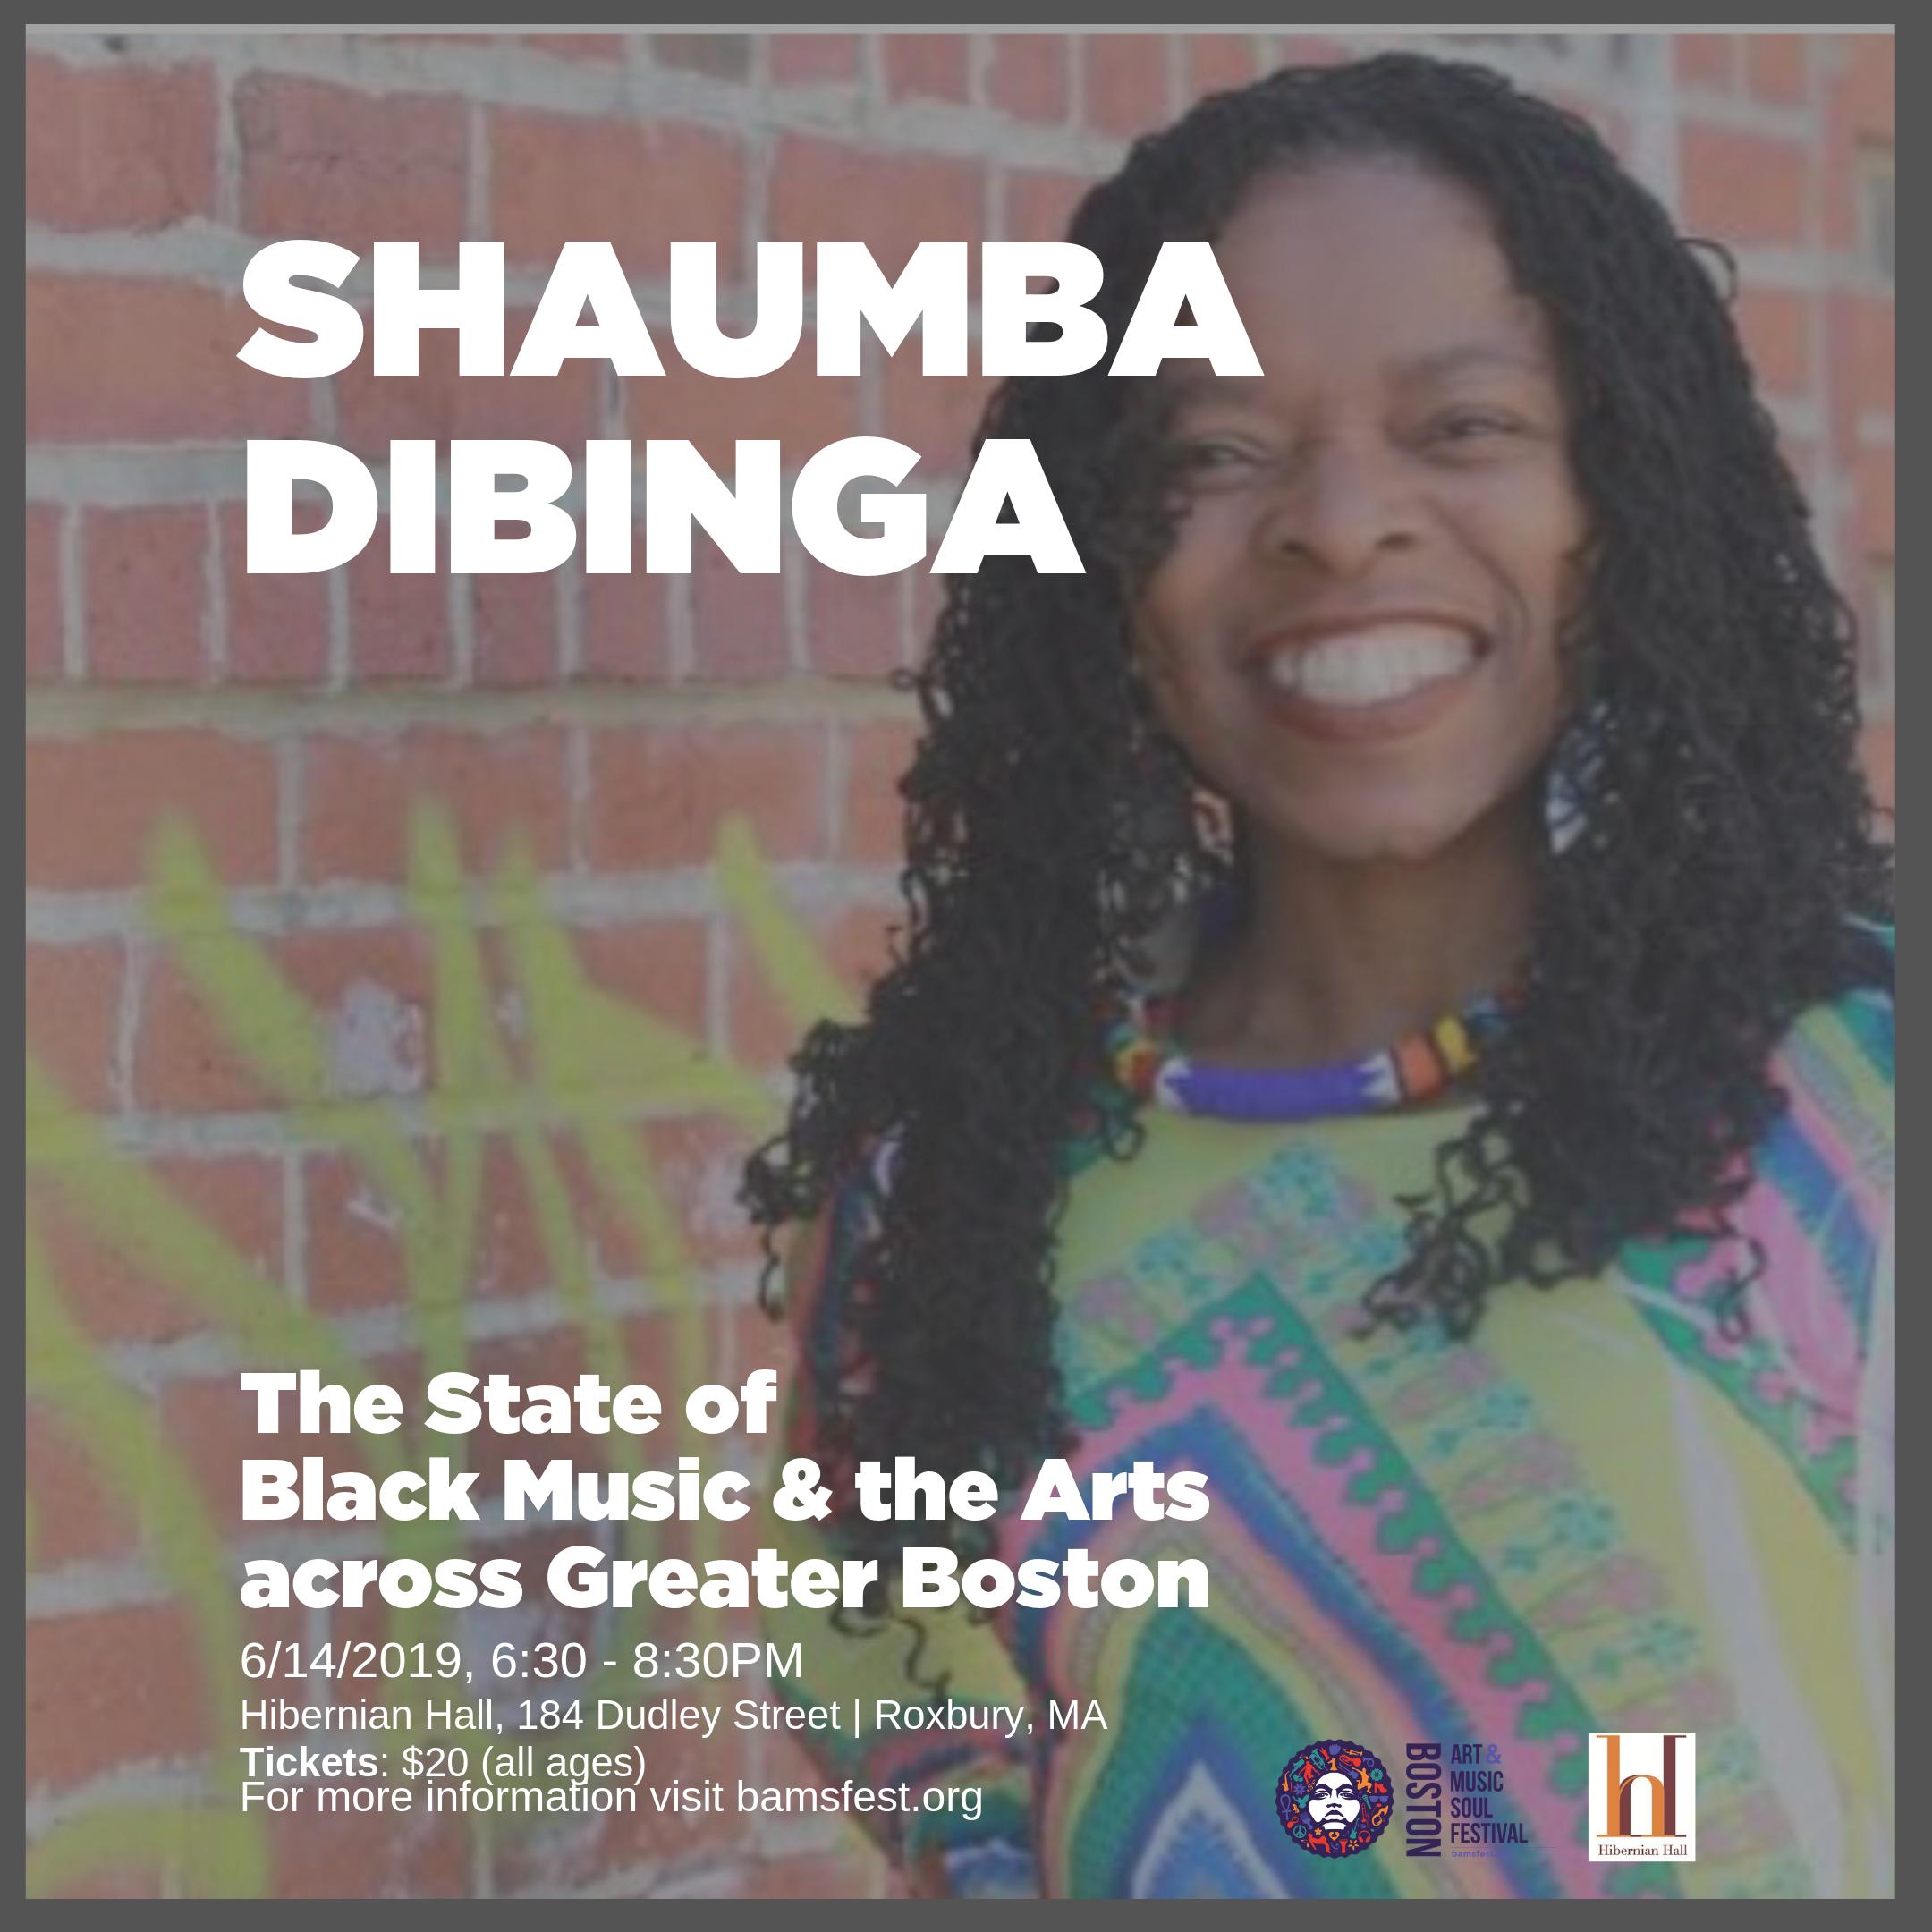 Instagram_6_14_2019 Shaumba Dibinga